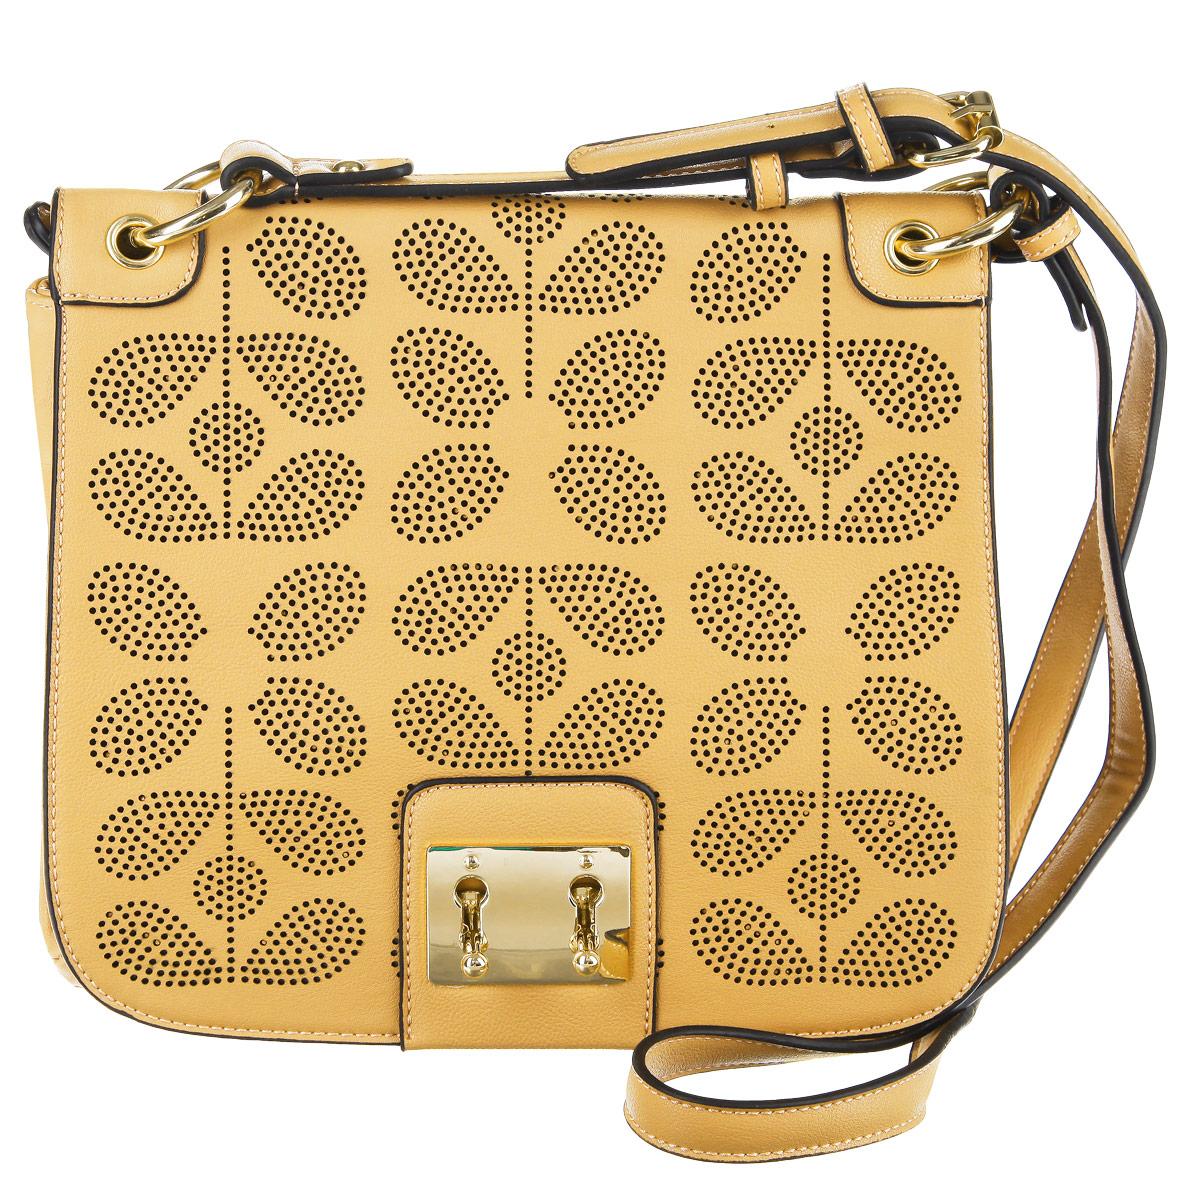 Сумка женская Orsa Oro, цвет: светло-желтый. D-827/64D-827/64Классическая сумка Orsa Oro выполнена из мягкой кожи и дополнена красивой итальянской фурнитурой. Внутри сумки одно отделение, три кармана, один из которых на пластиковой молнии. На задней стороне сумки вшит карман, закрывающийся на молнию. Сумка закрывается на большой перфорированный клапан и дополнительно на две металлические застежки-вертушки. Прилагается чехол для хранения. Сумка Orsa Oro - это стильный аксессуар, который подчеркнет вашу изысканность и индивидуальность, а также сделает ваш образ завершенным.